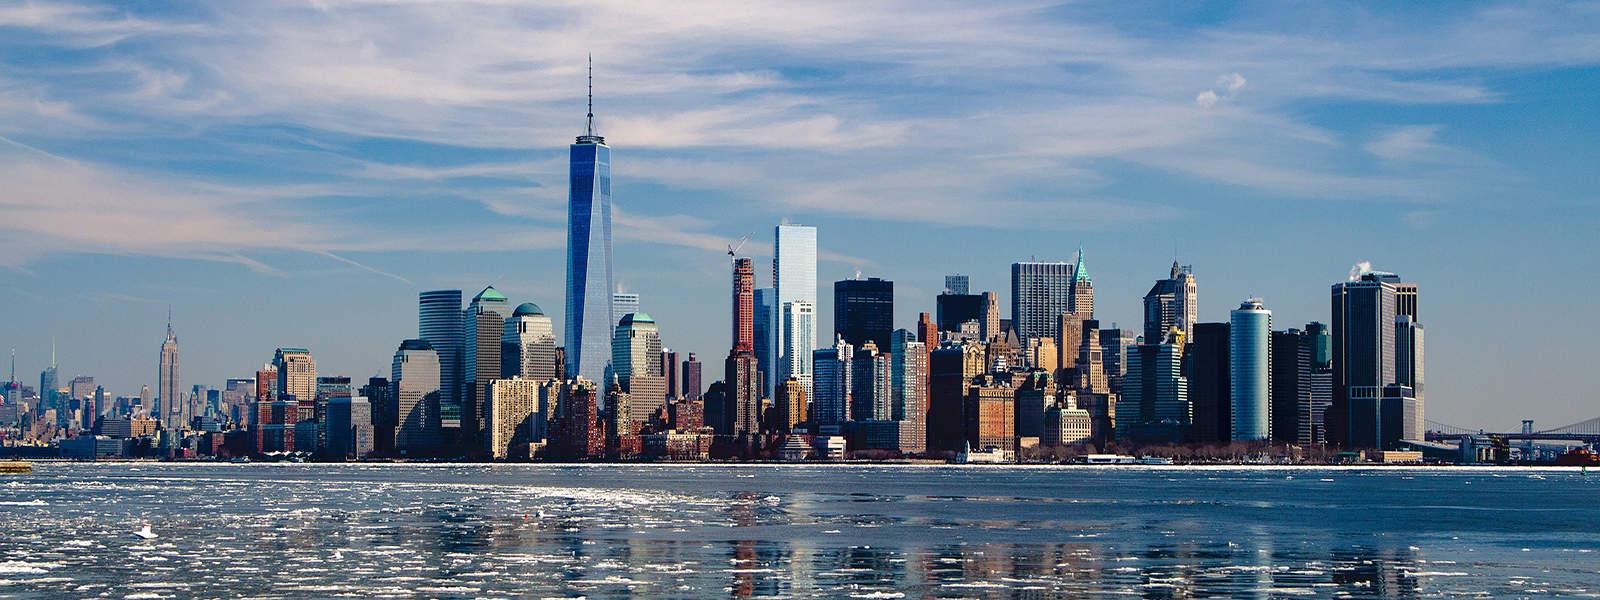 برنامج سياحي مميز 15 يوم في أمريكا